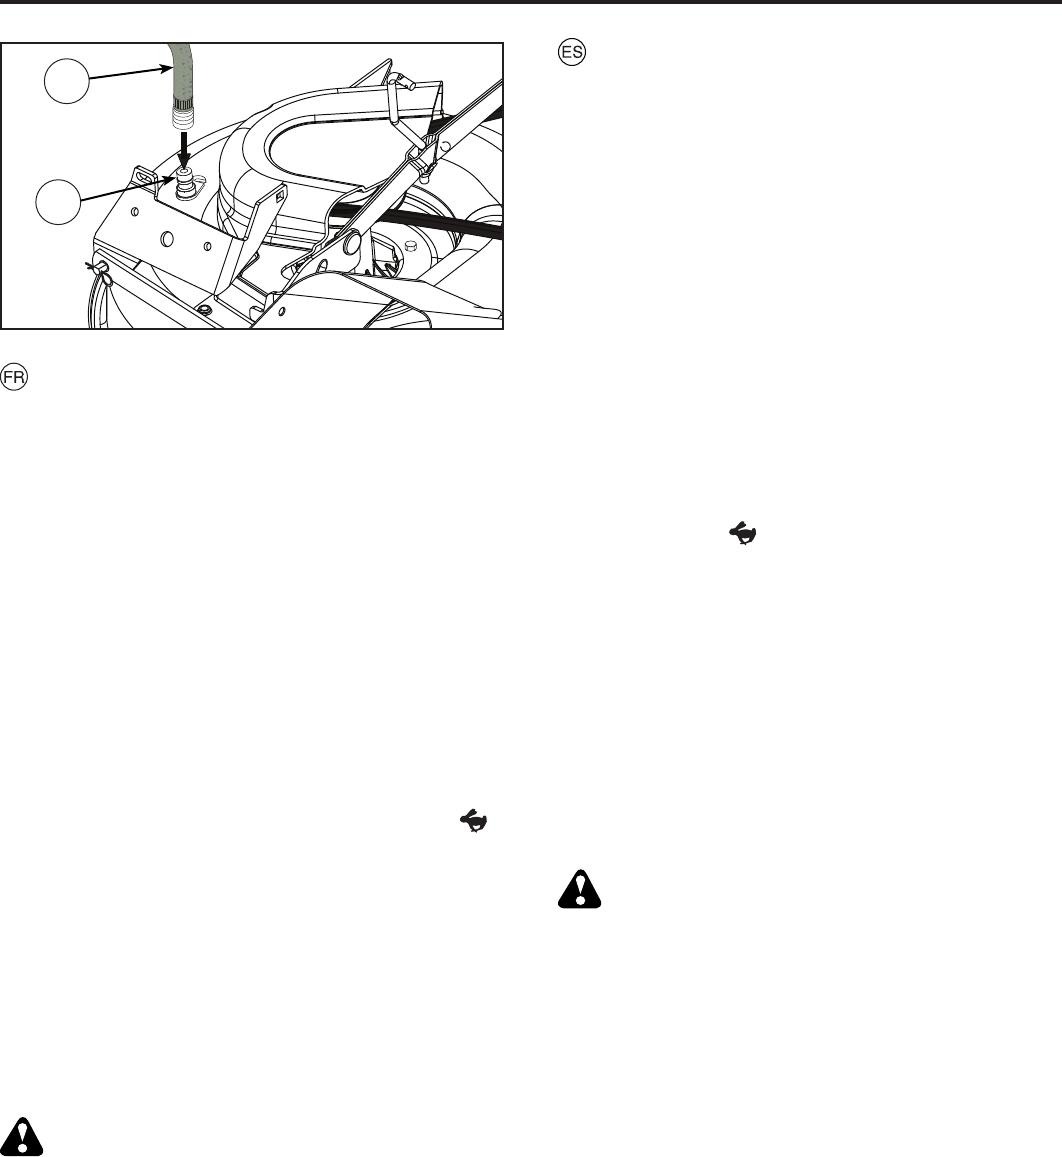 Mcculloch 96061031400 Instruction Manual OM, McCulloch